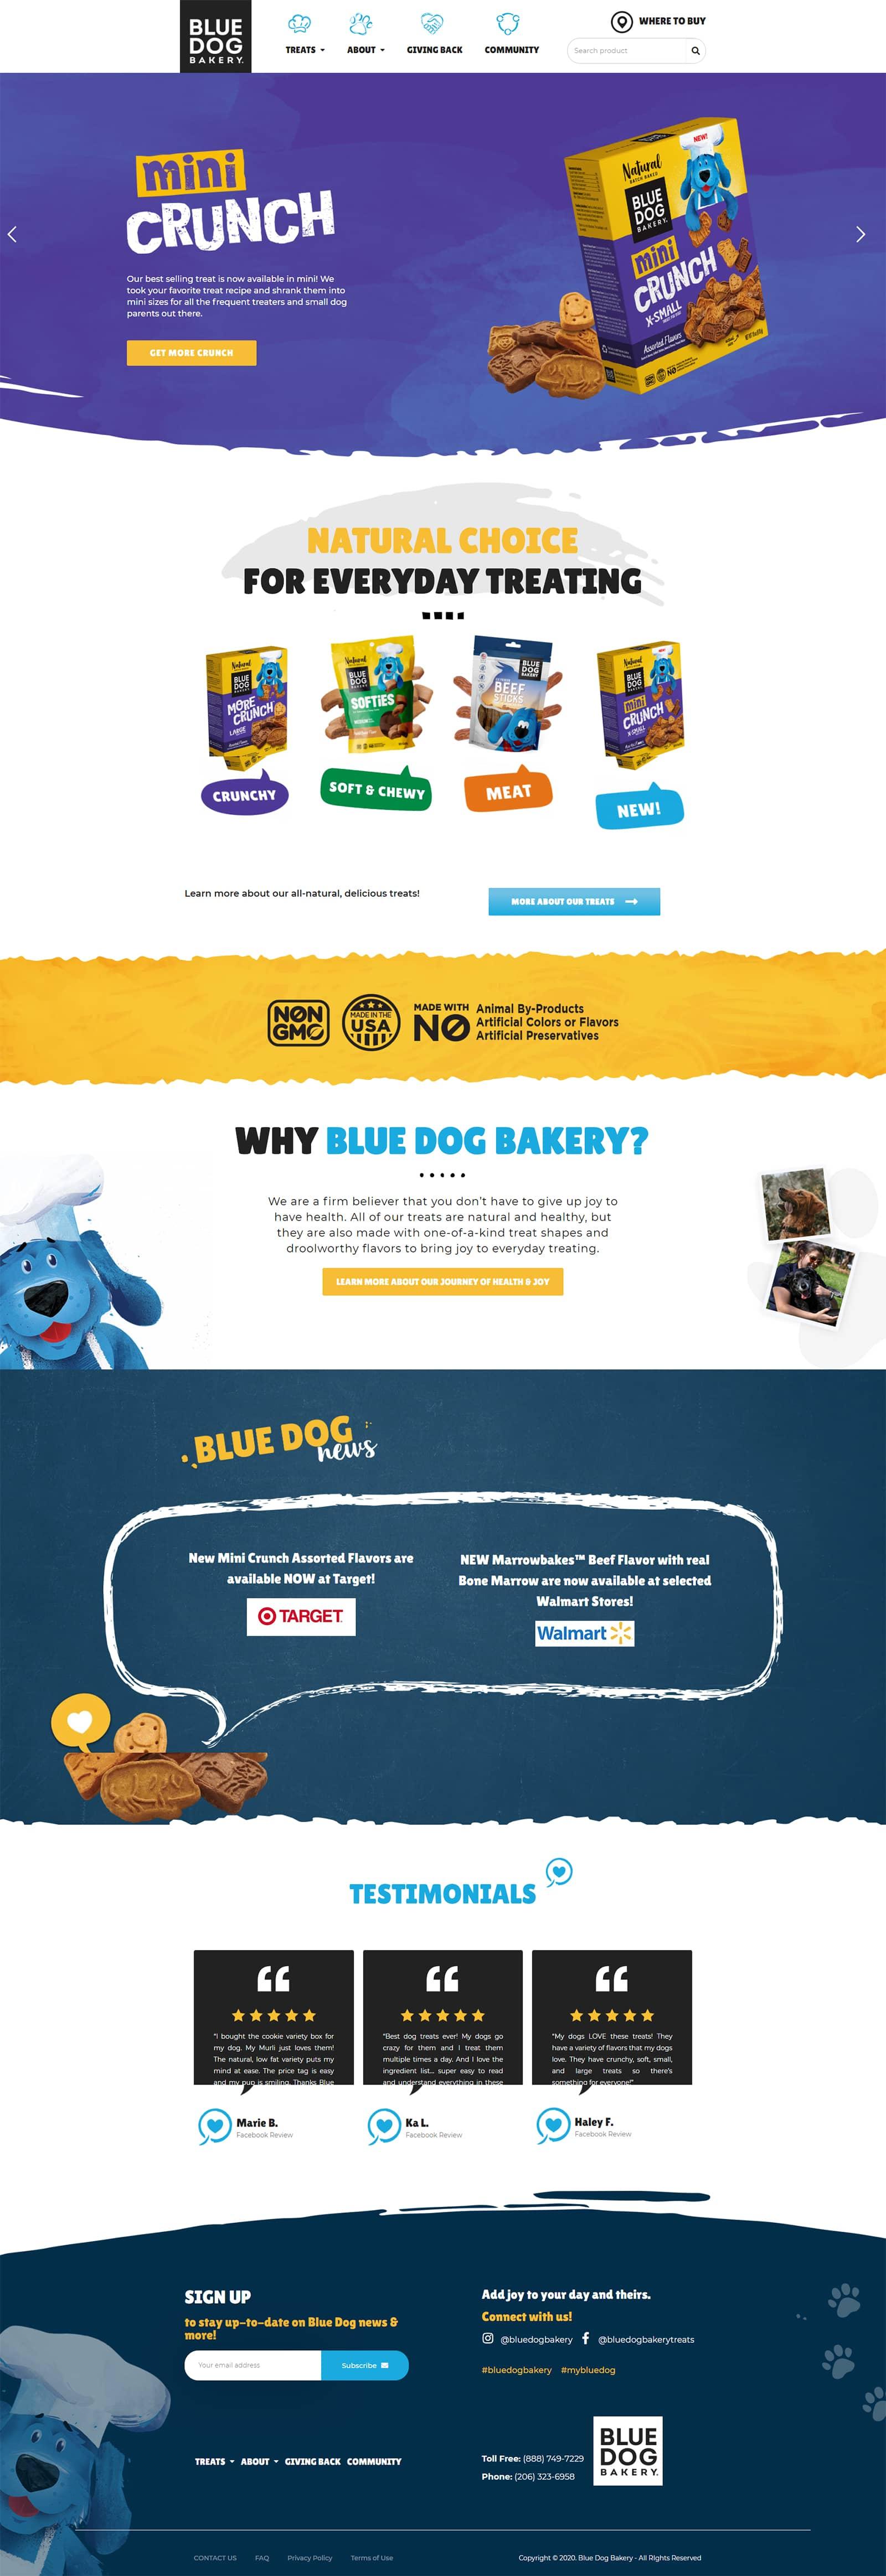 blue dog bakery full site